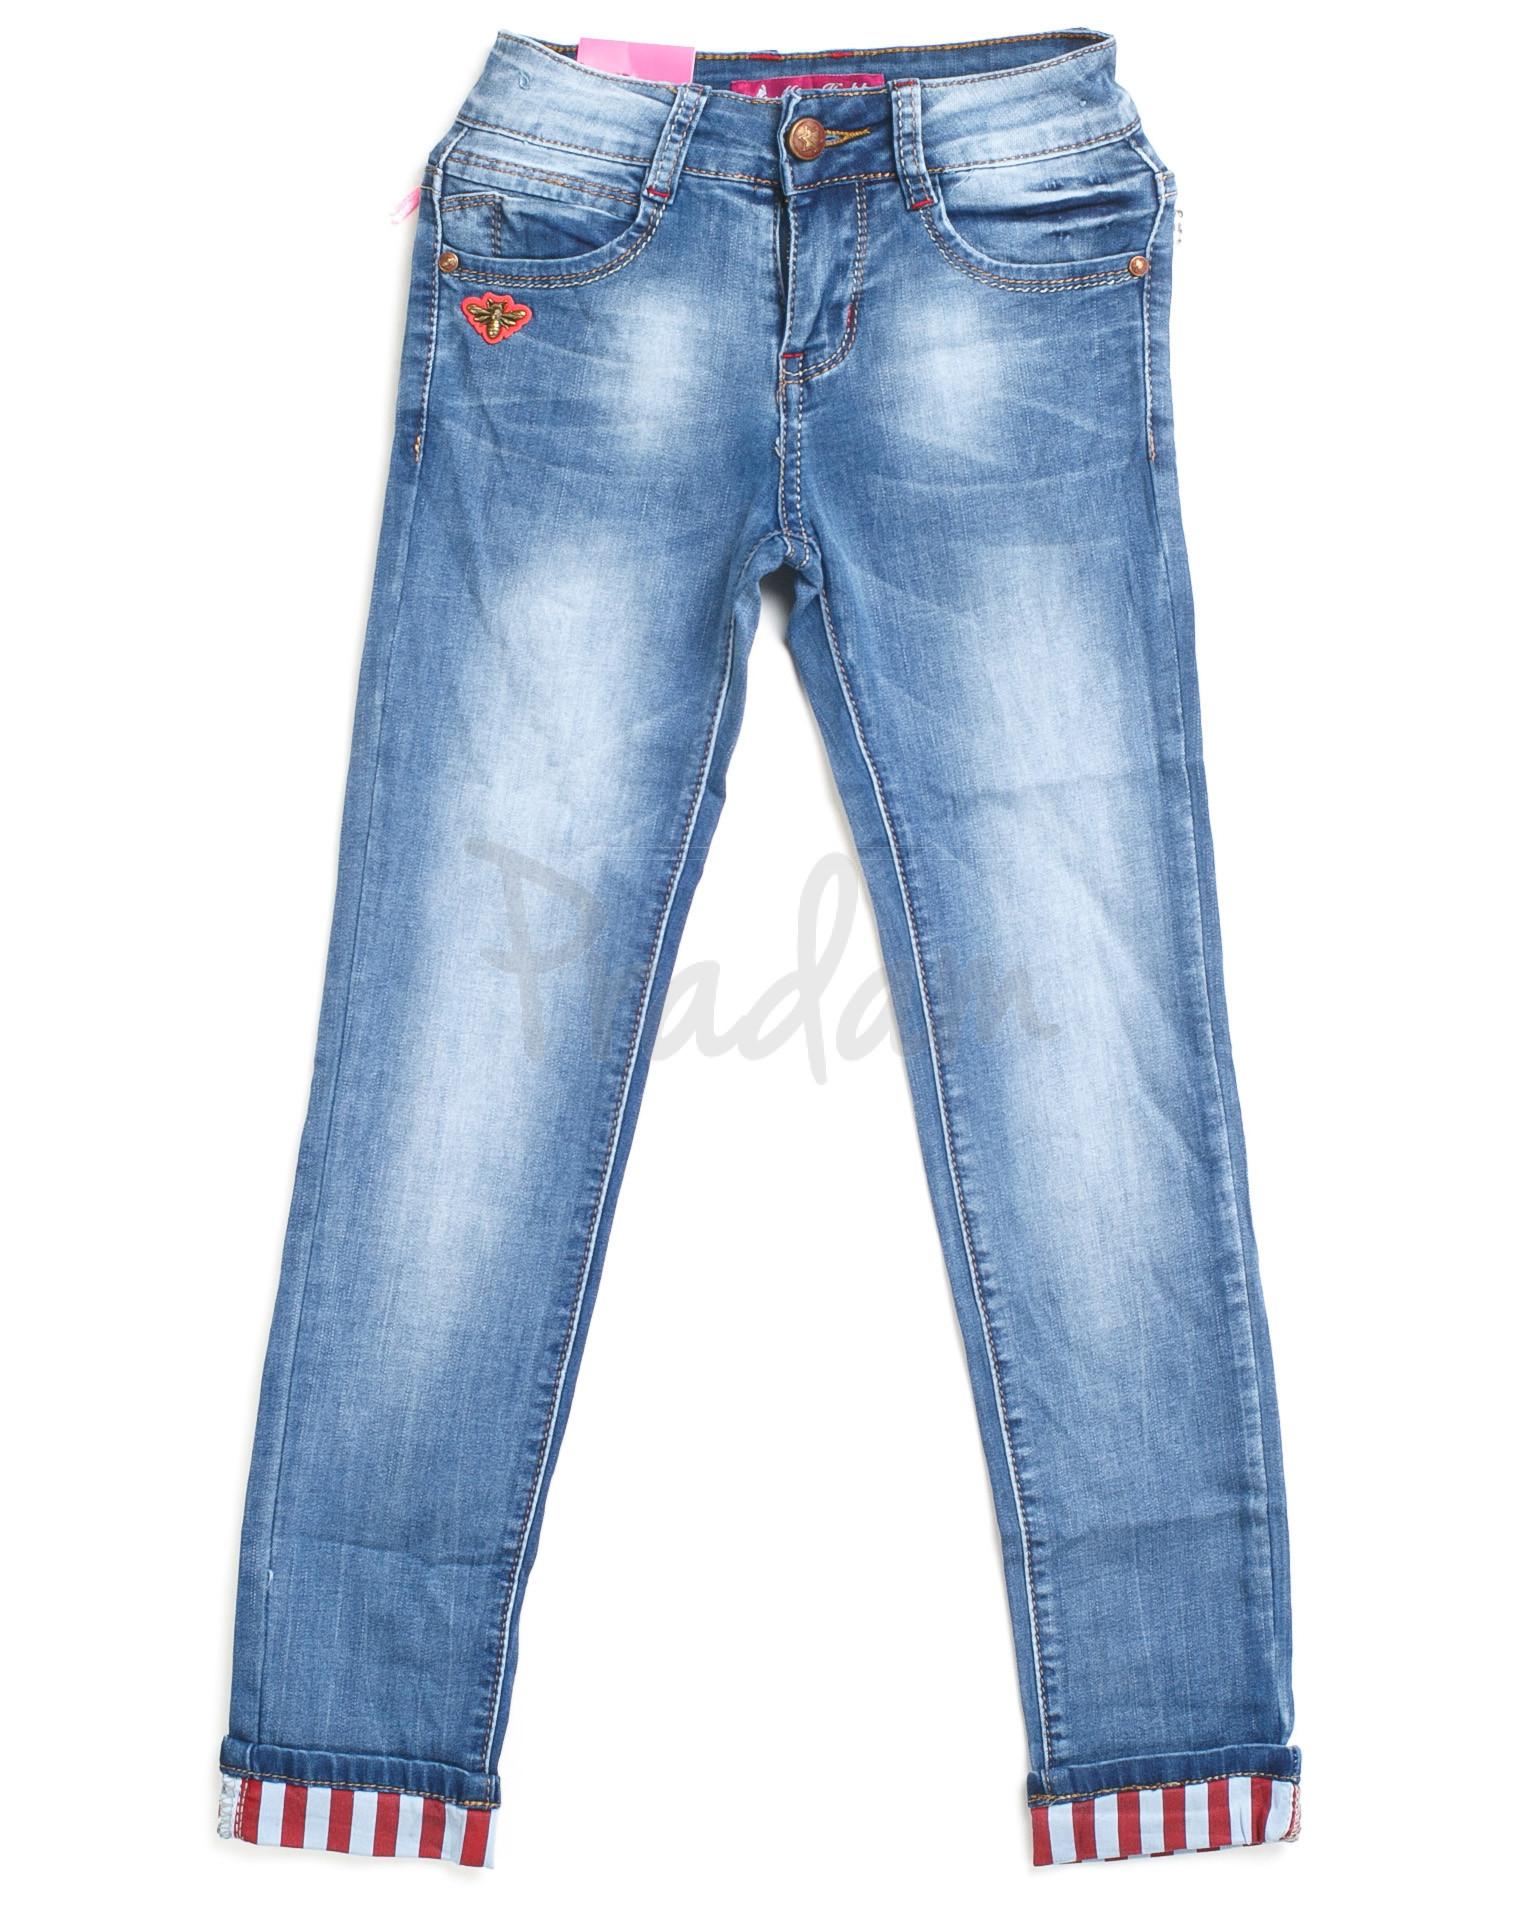 0310 Miss Happy (23-28, подросток 6 ед.) джинсы на девочку весенние стрейчевые